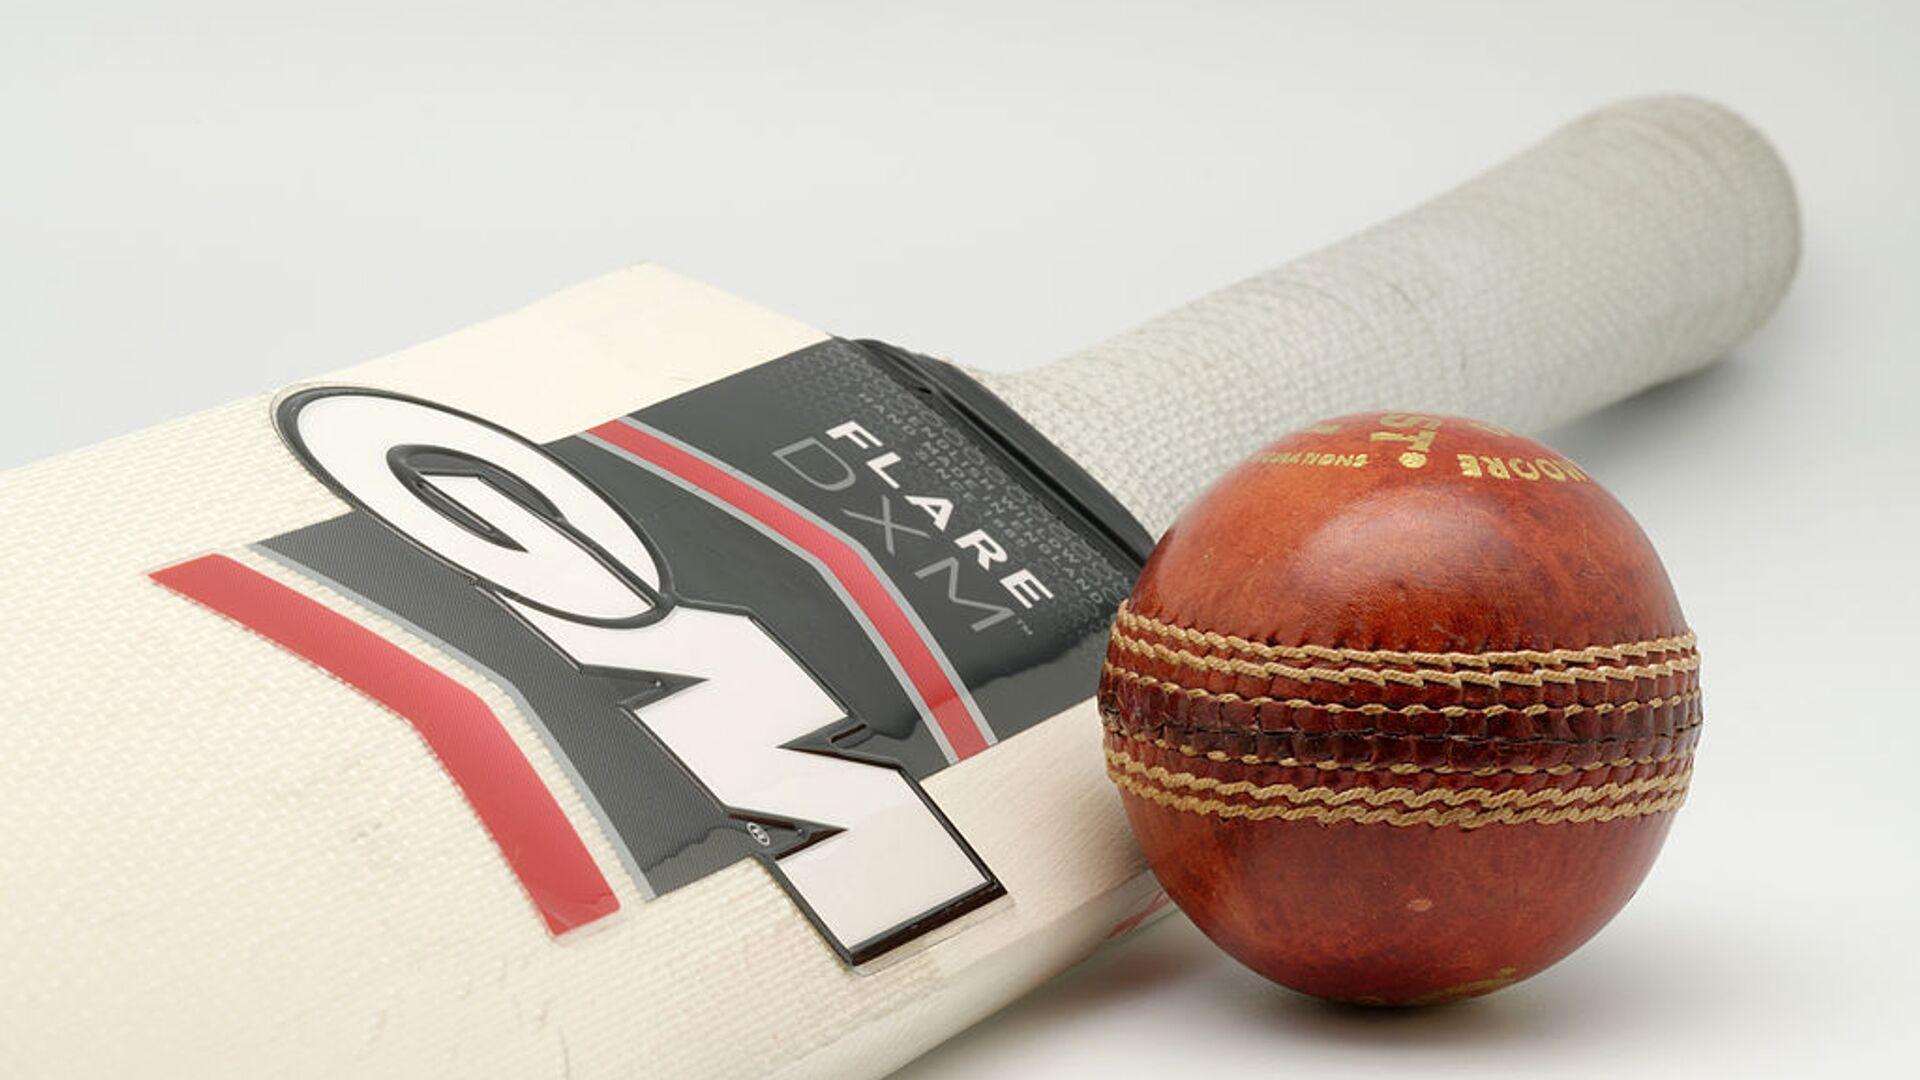 A Gunn & Moore Flare DXM bat (Harrow size) and a Gunn & Moore Purist 156g cricket ball. - Sputnik International, 1920, 02.08.2021